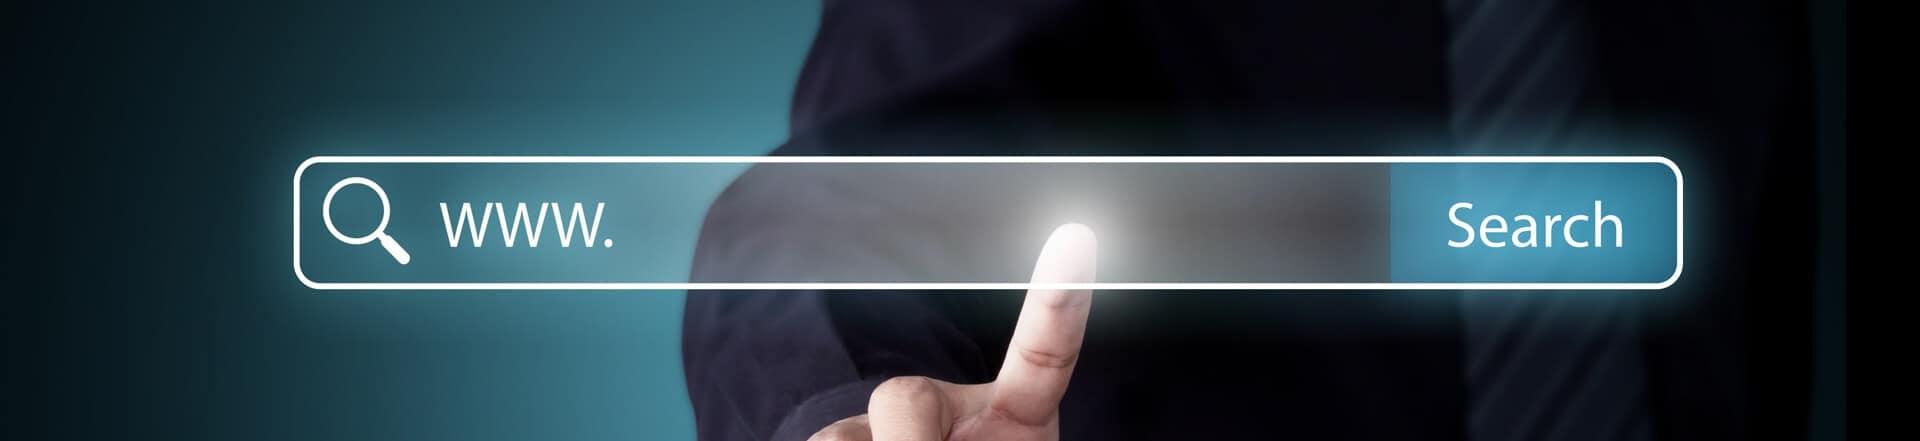 אופטימיזציה ו UI לאתרי קטלוג